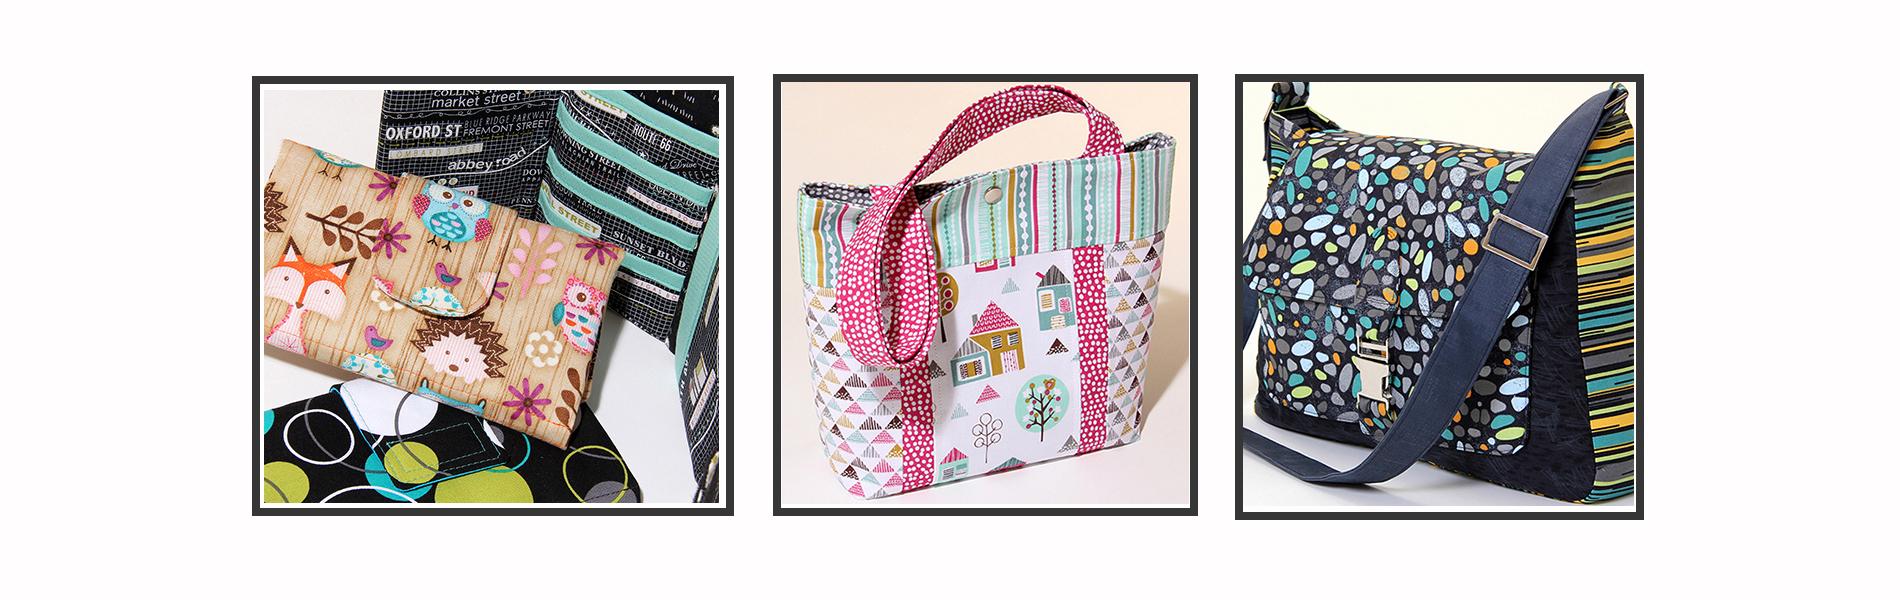 Bag Making Techniques by Susan Dunlop